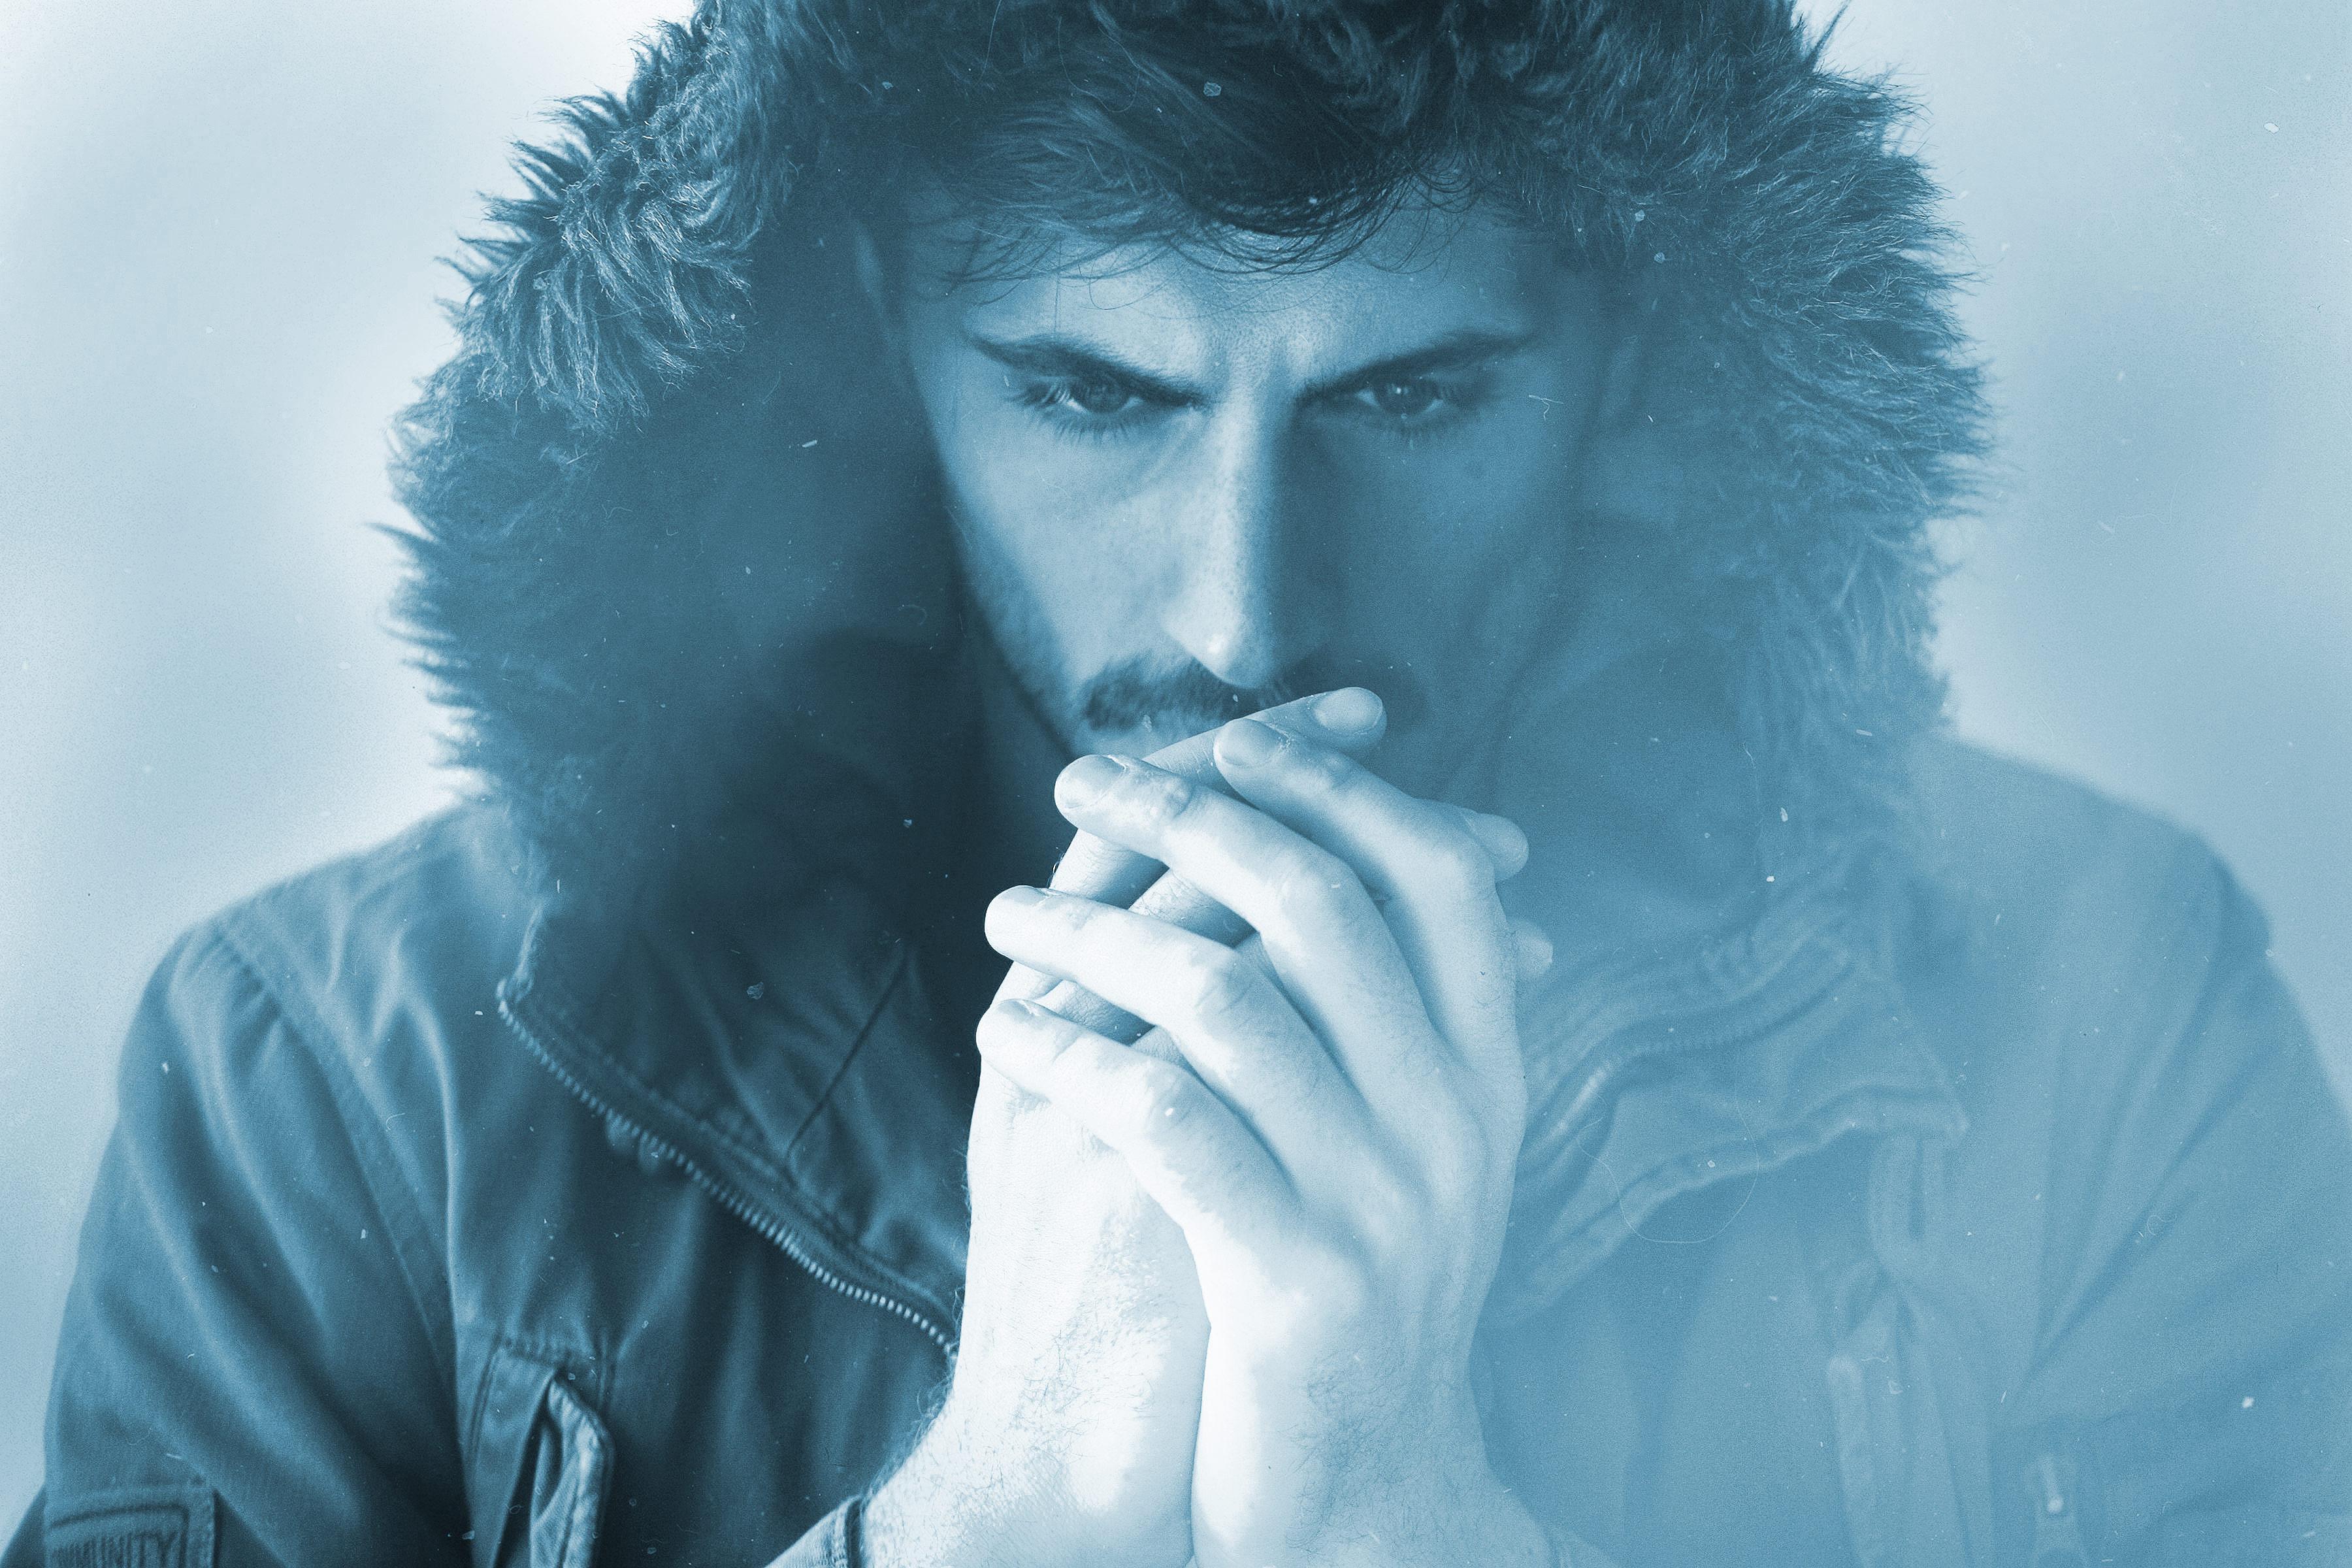 der mann stilvoll im winter